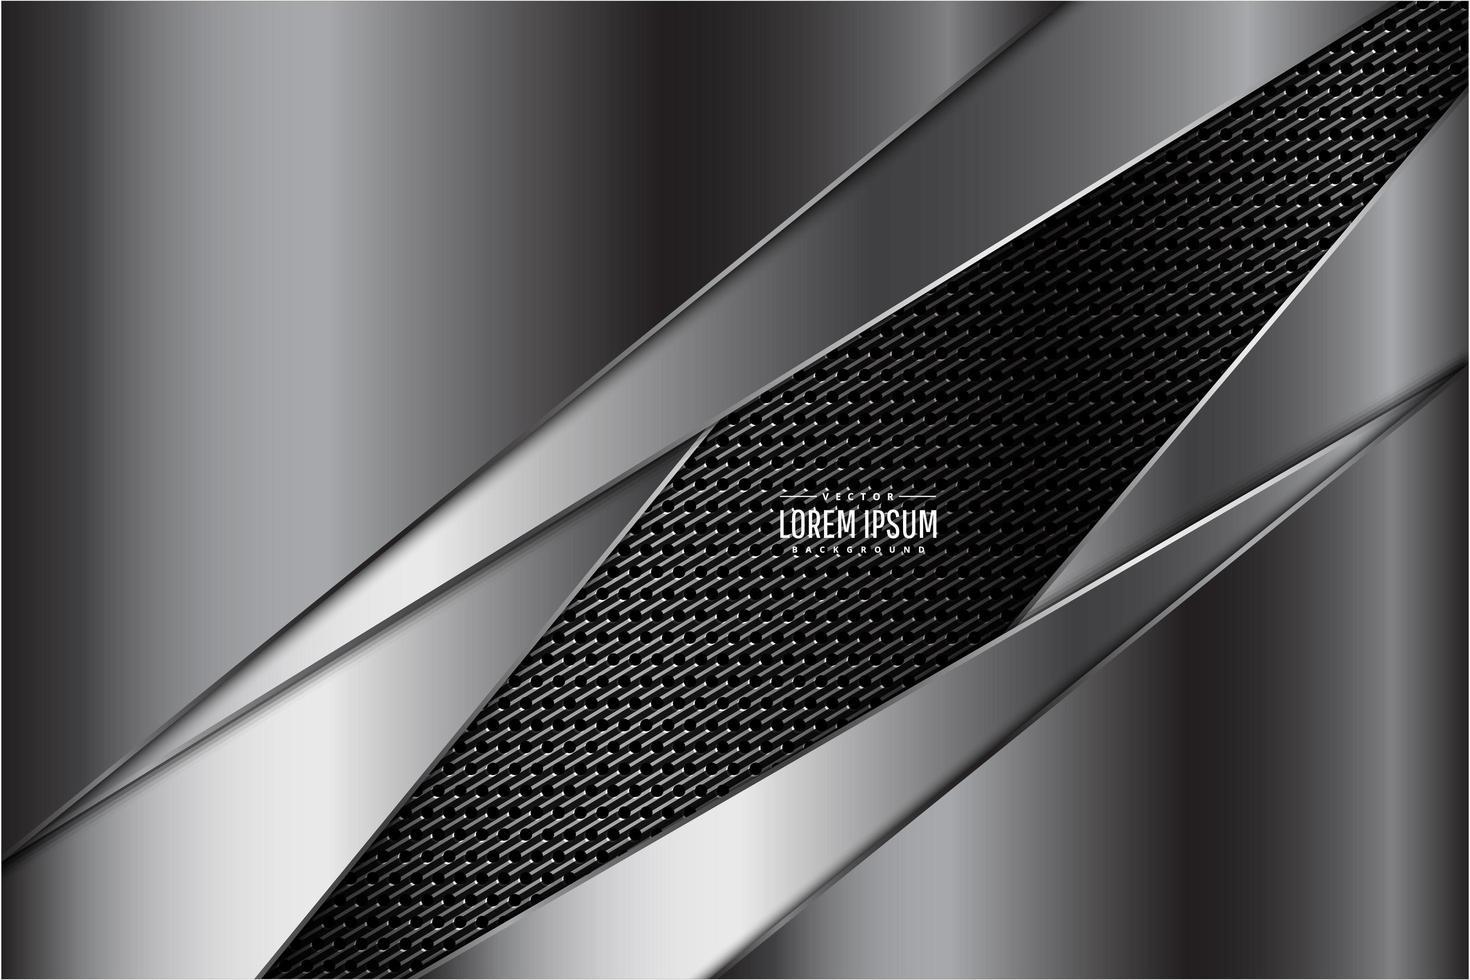 Capas metálicas grises sobre textura oscura vector